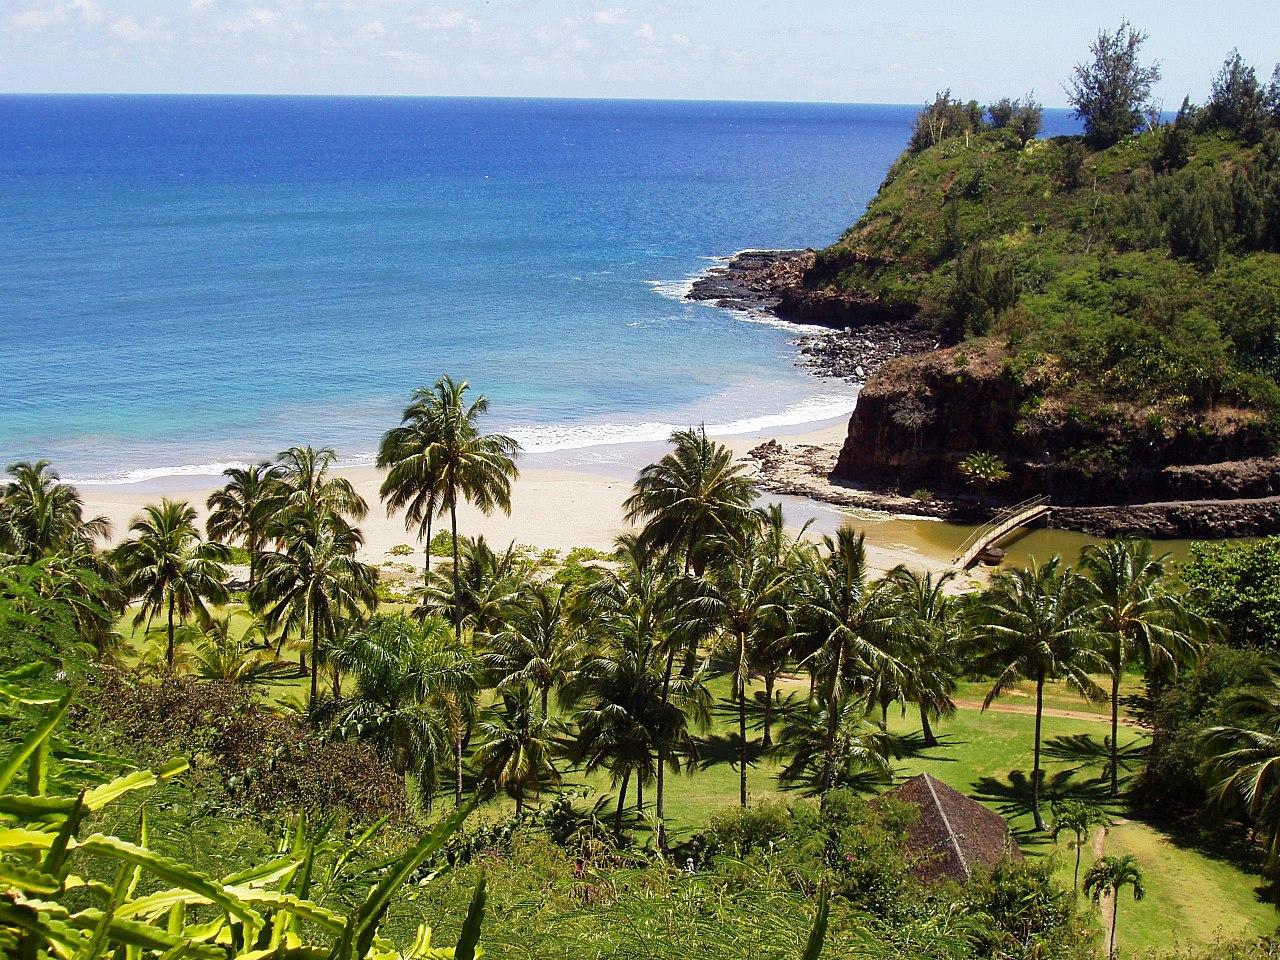 fileallerton garden kauai hawaii view into valleyjpg